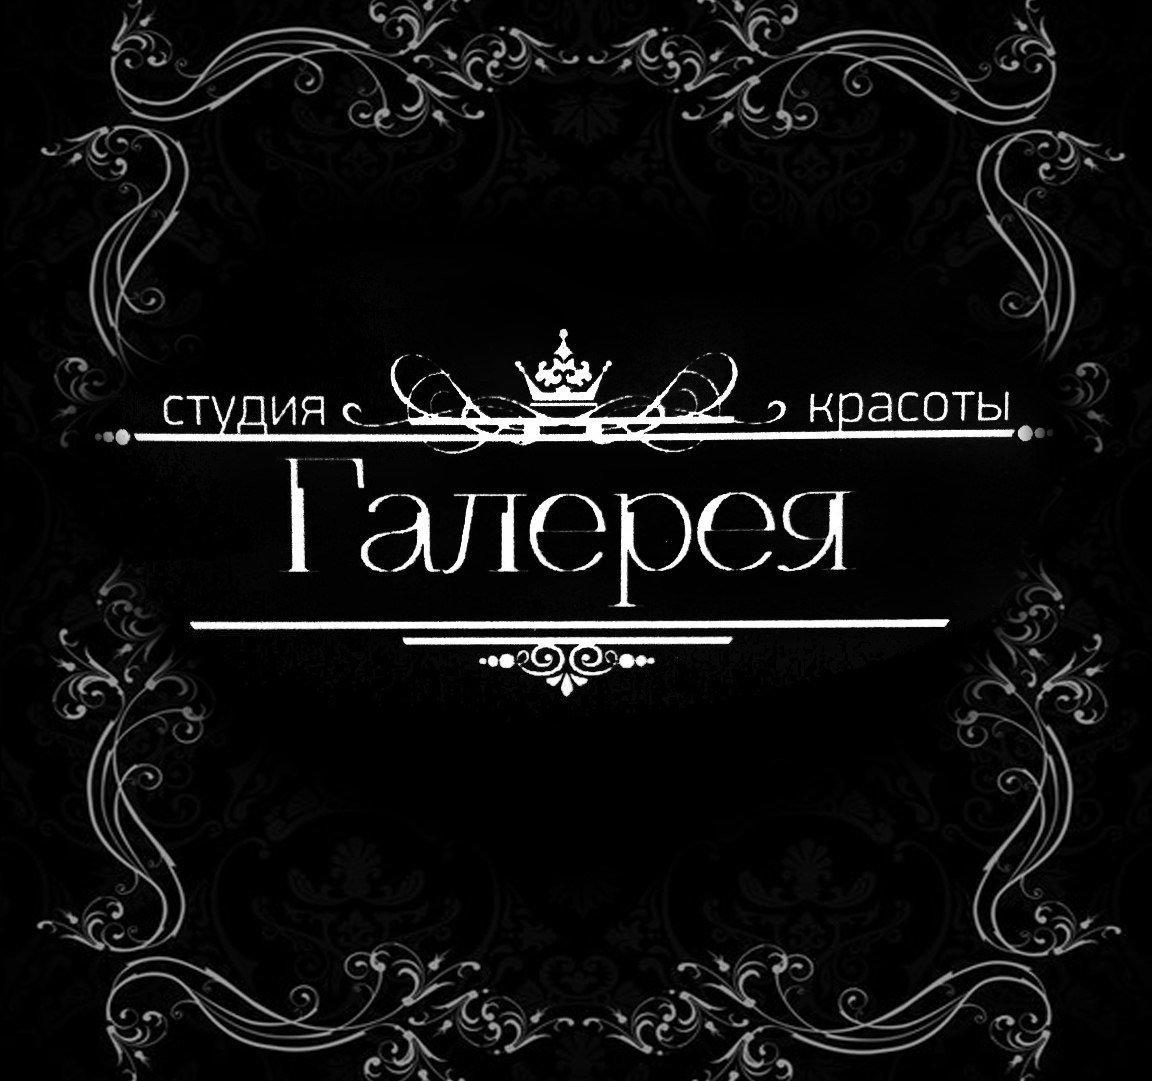 фотография Парикмахерской Галерея на Волгоградской улице